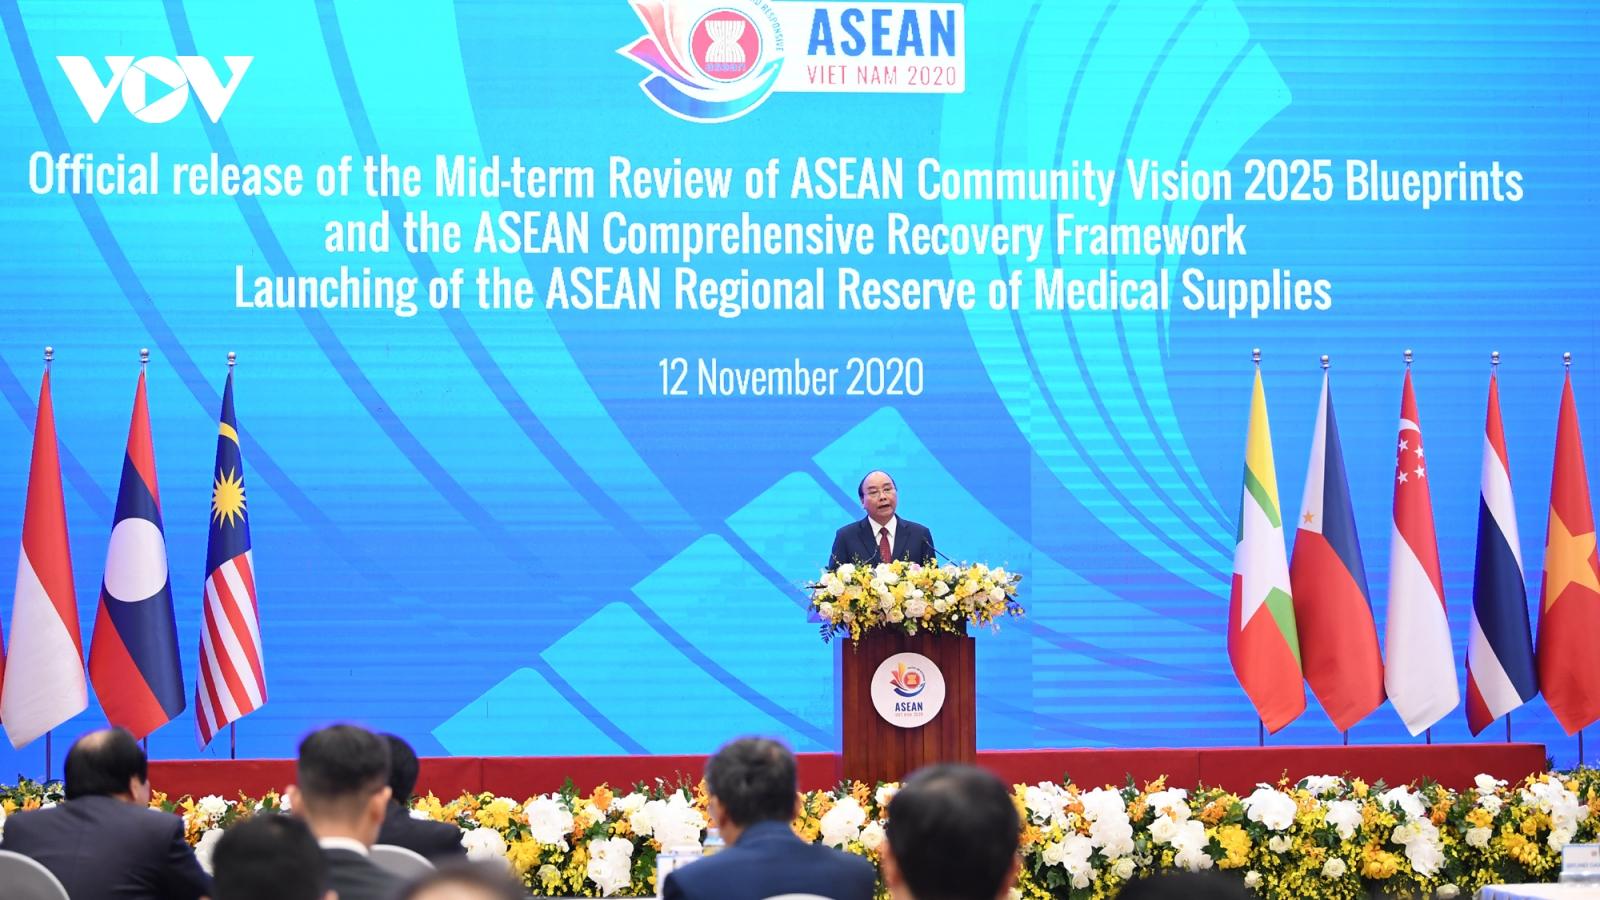 Lễ công bố kế hoạch tổng thể Tầm nhìn Cộng đồng ASEAN 2025